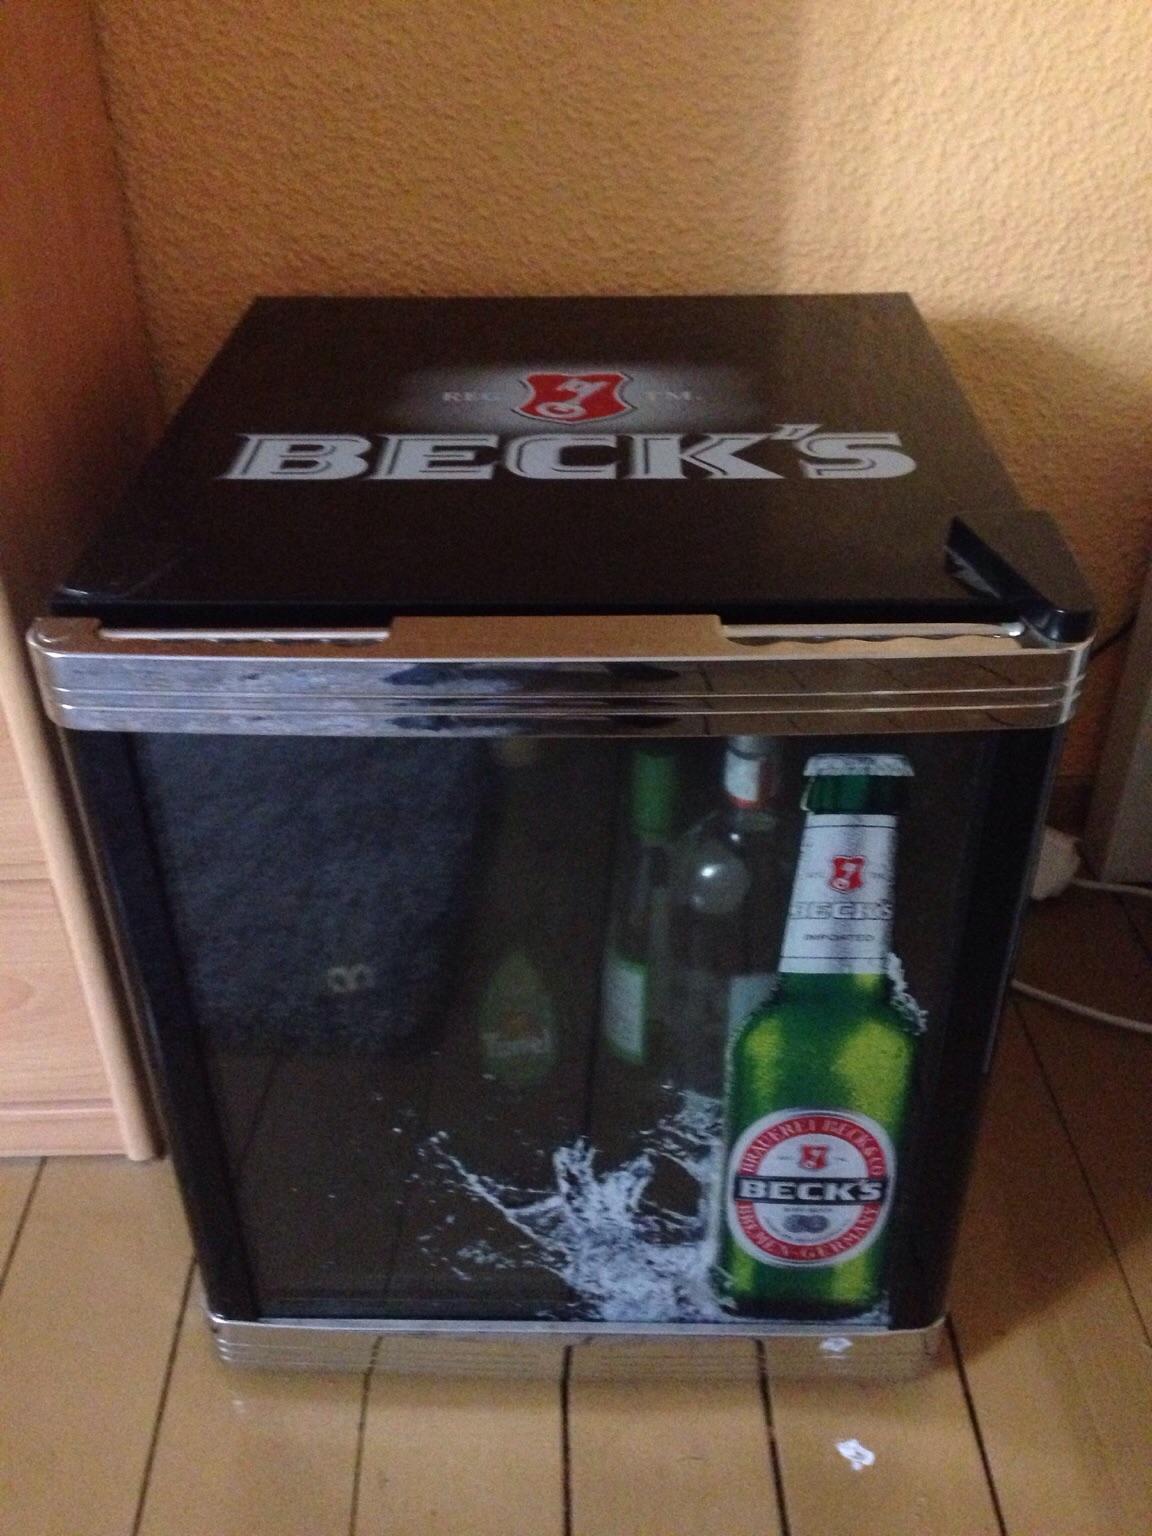 Mini Kühlschrank Becks : Gebraucht becks kühlschrank in dortmund um u ac u shpock